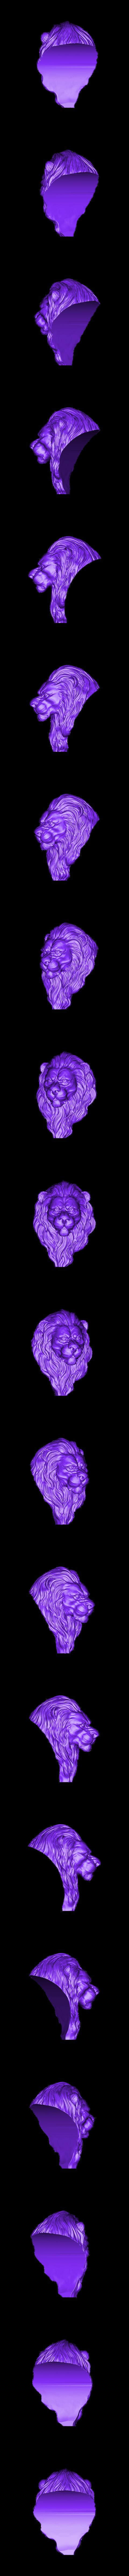 Lion.stl Download free OBJ file Lion • 3D printing model, Dynastinae